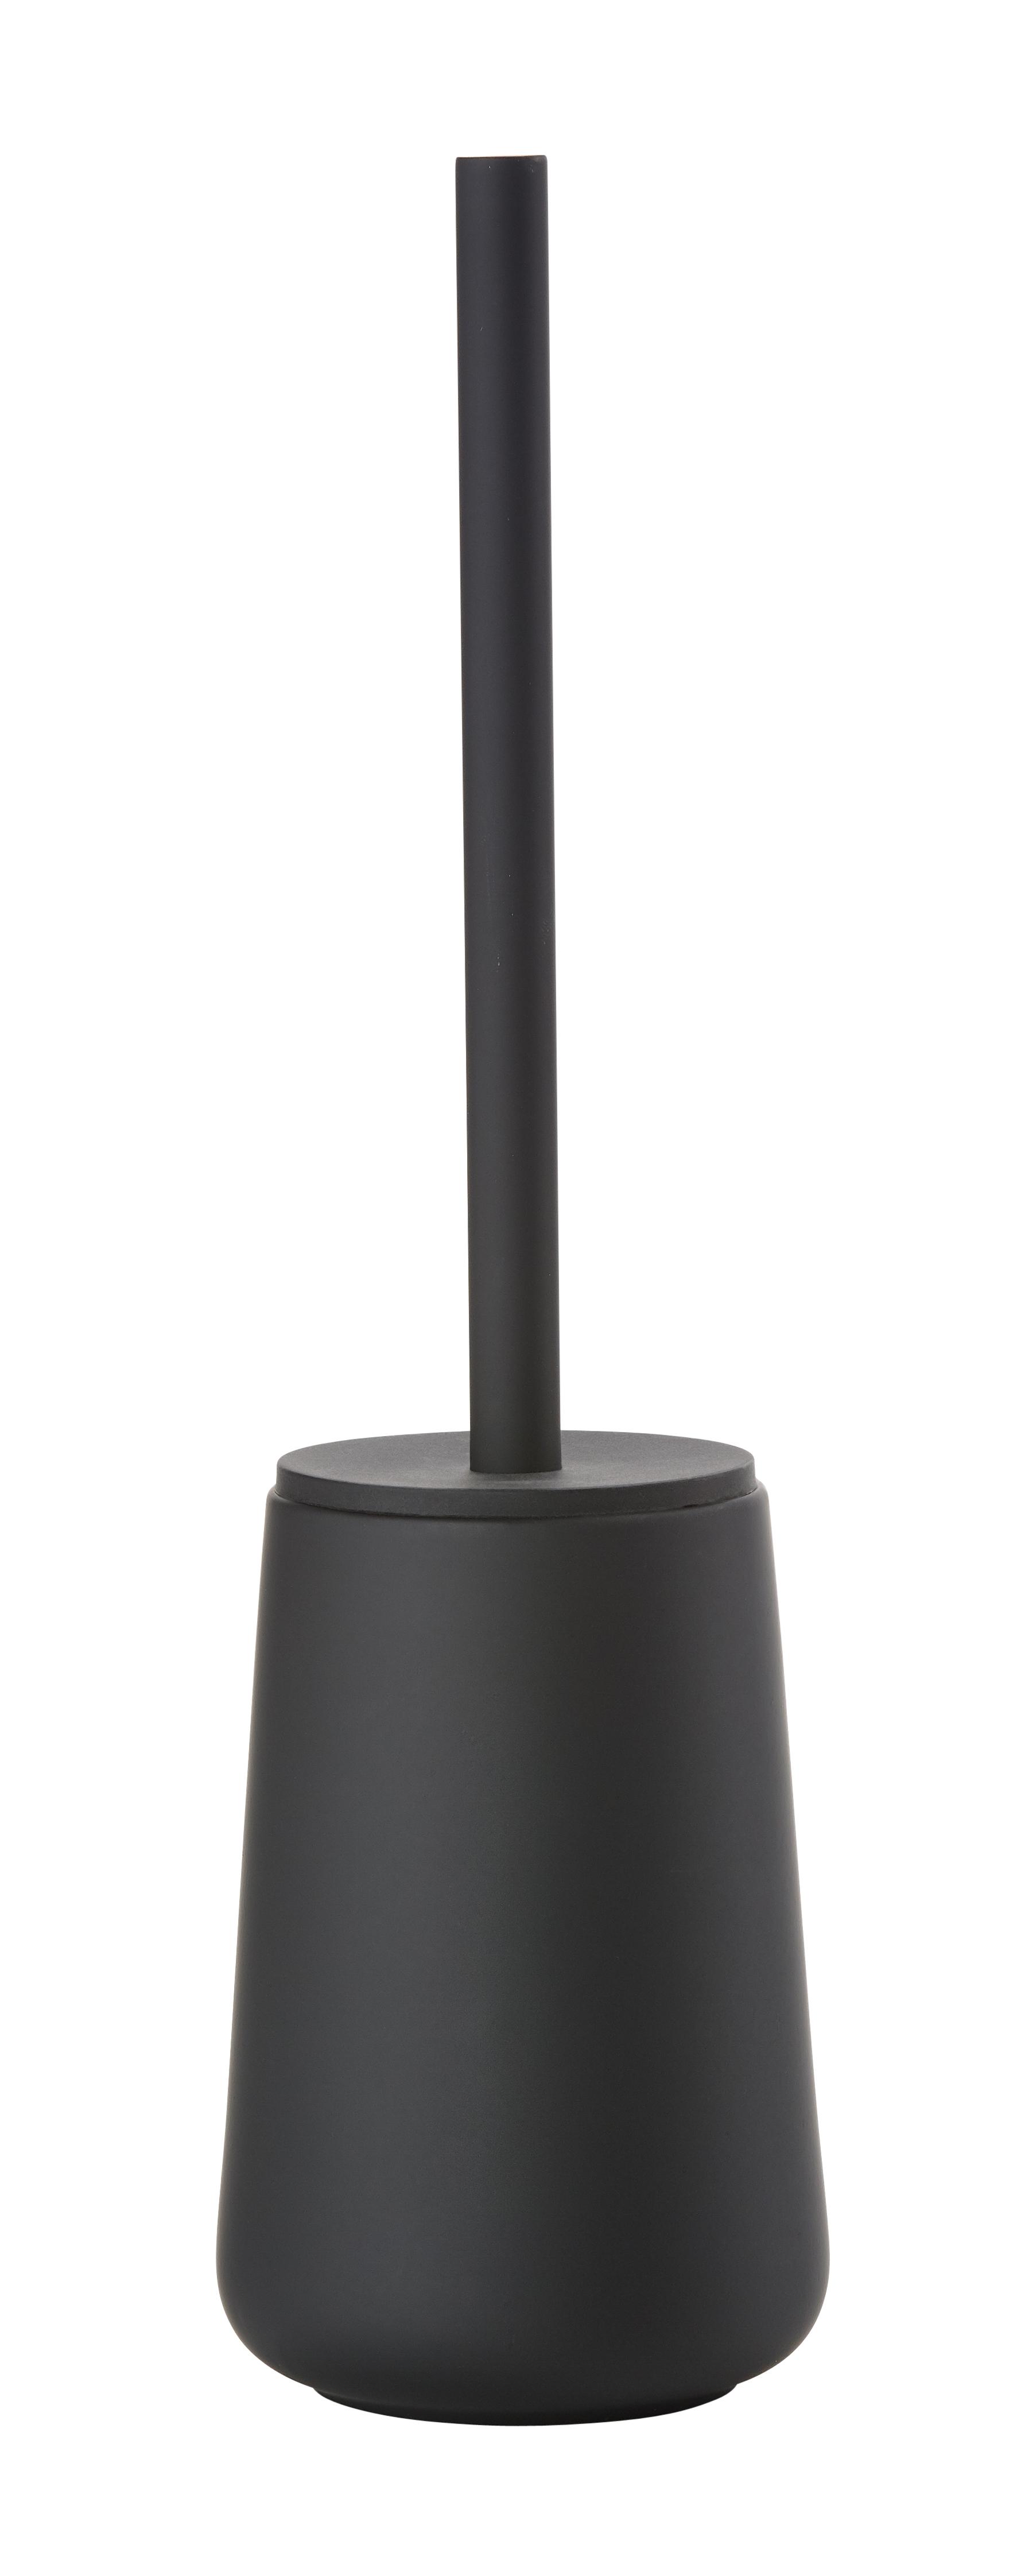 Zone - Nova One Toilet Brush - Black (330162)